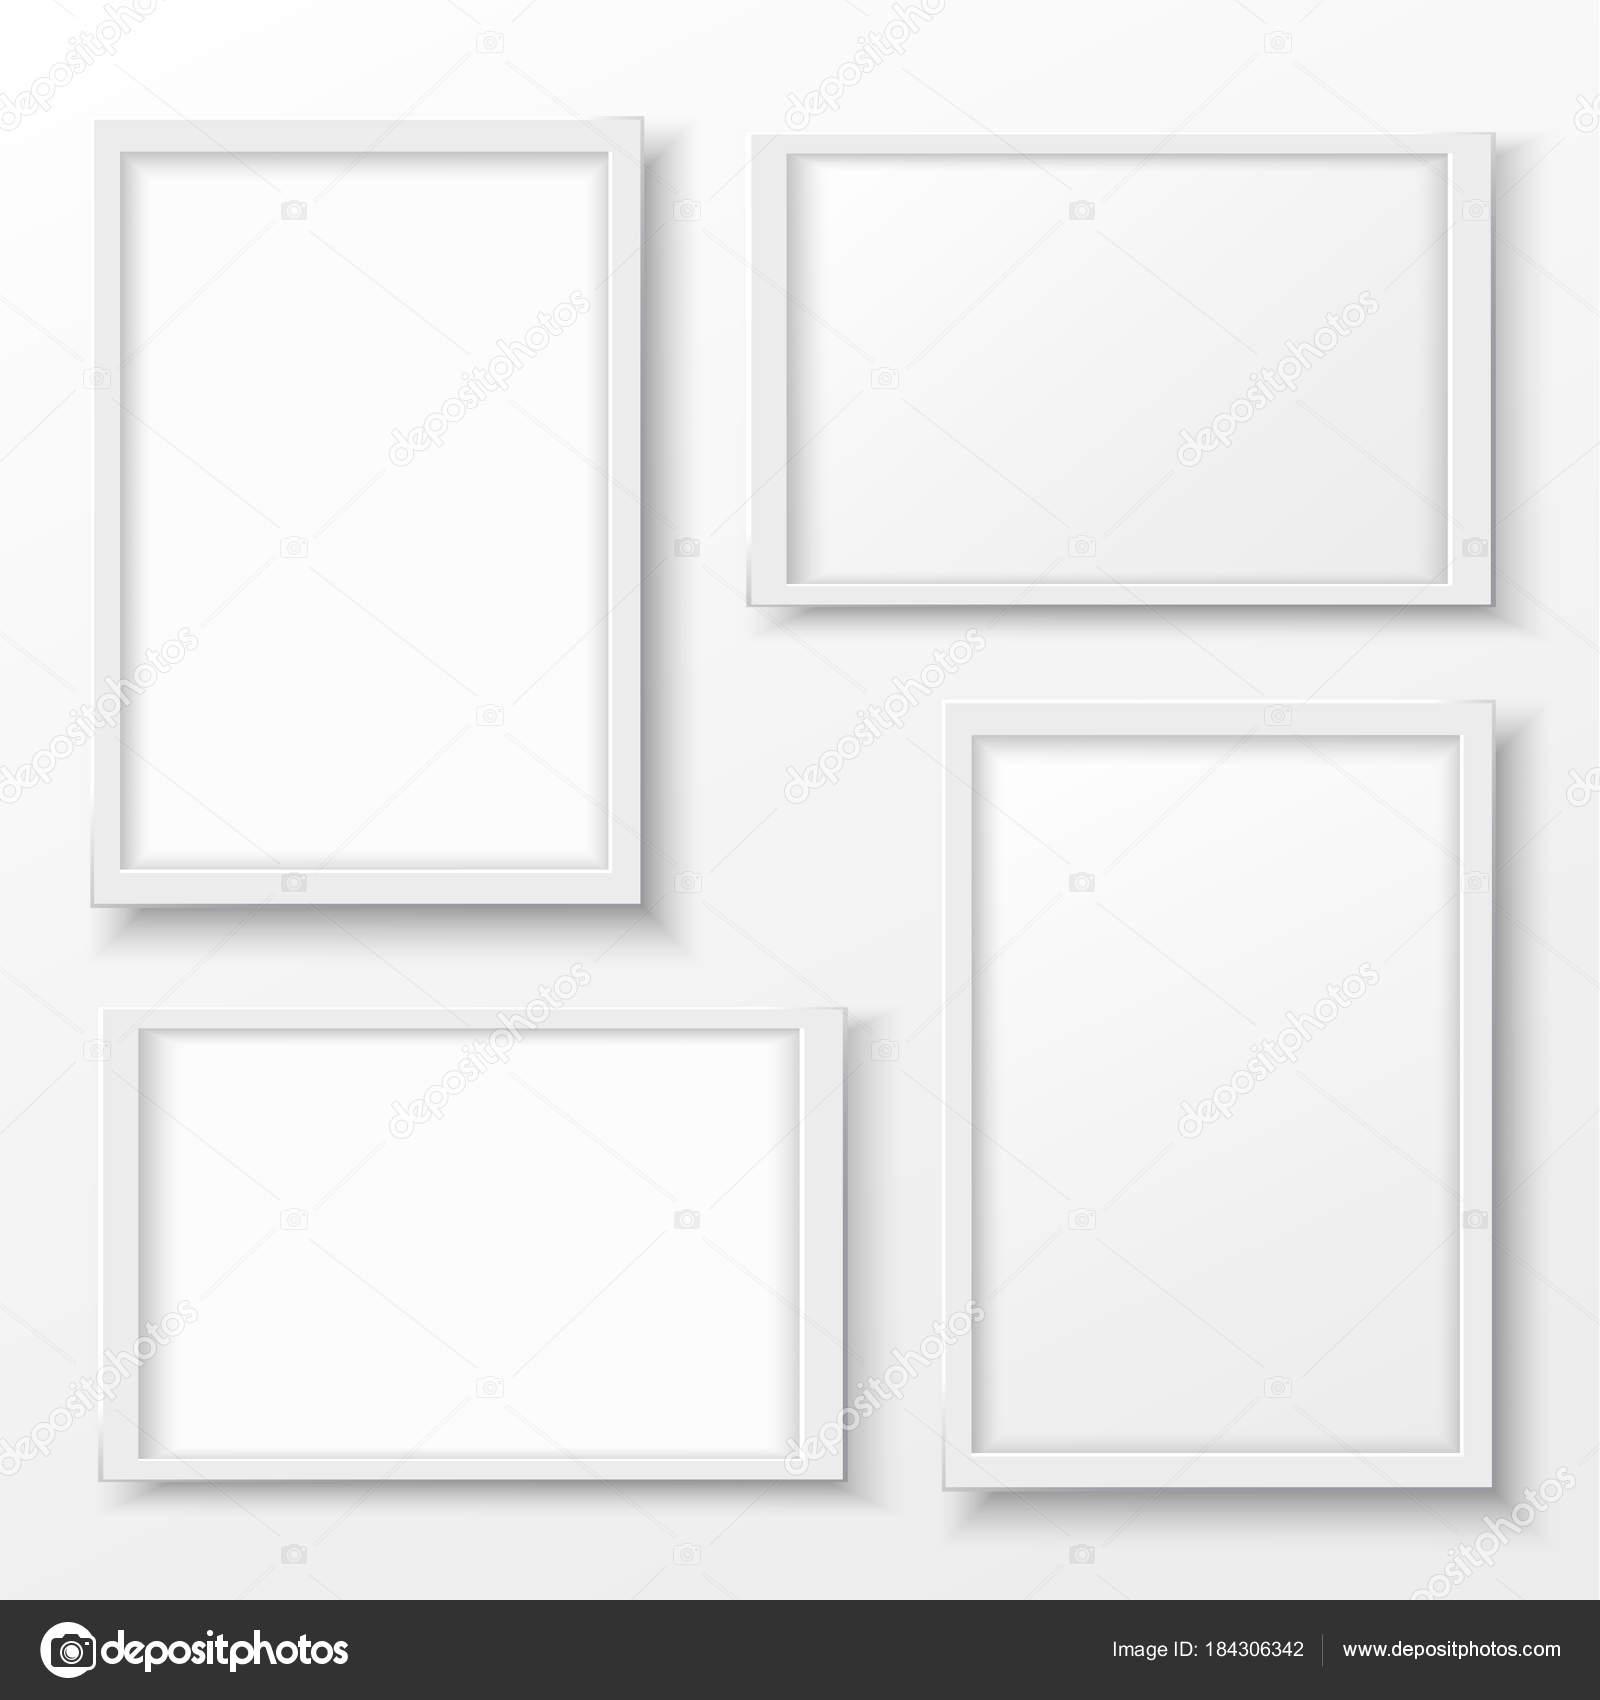 Weiße Kunststoff-Rahmen mit Schatten für Text oder Bild ...